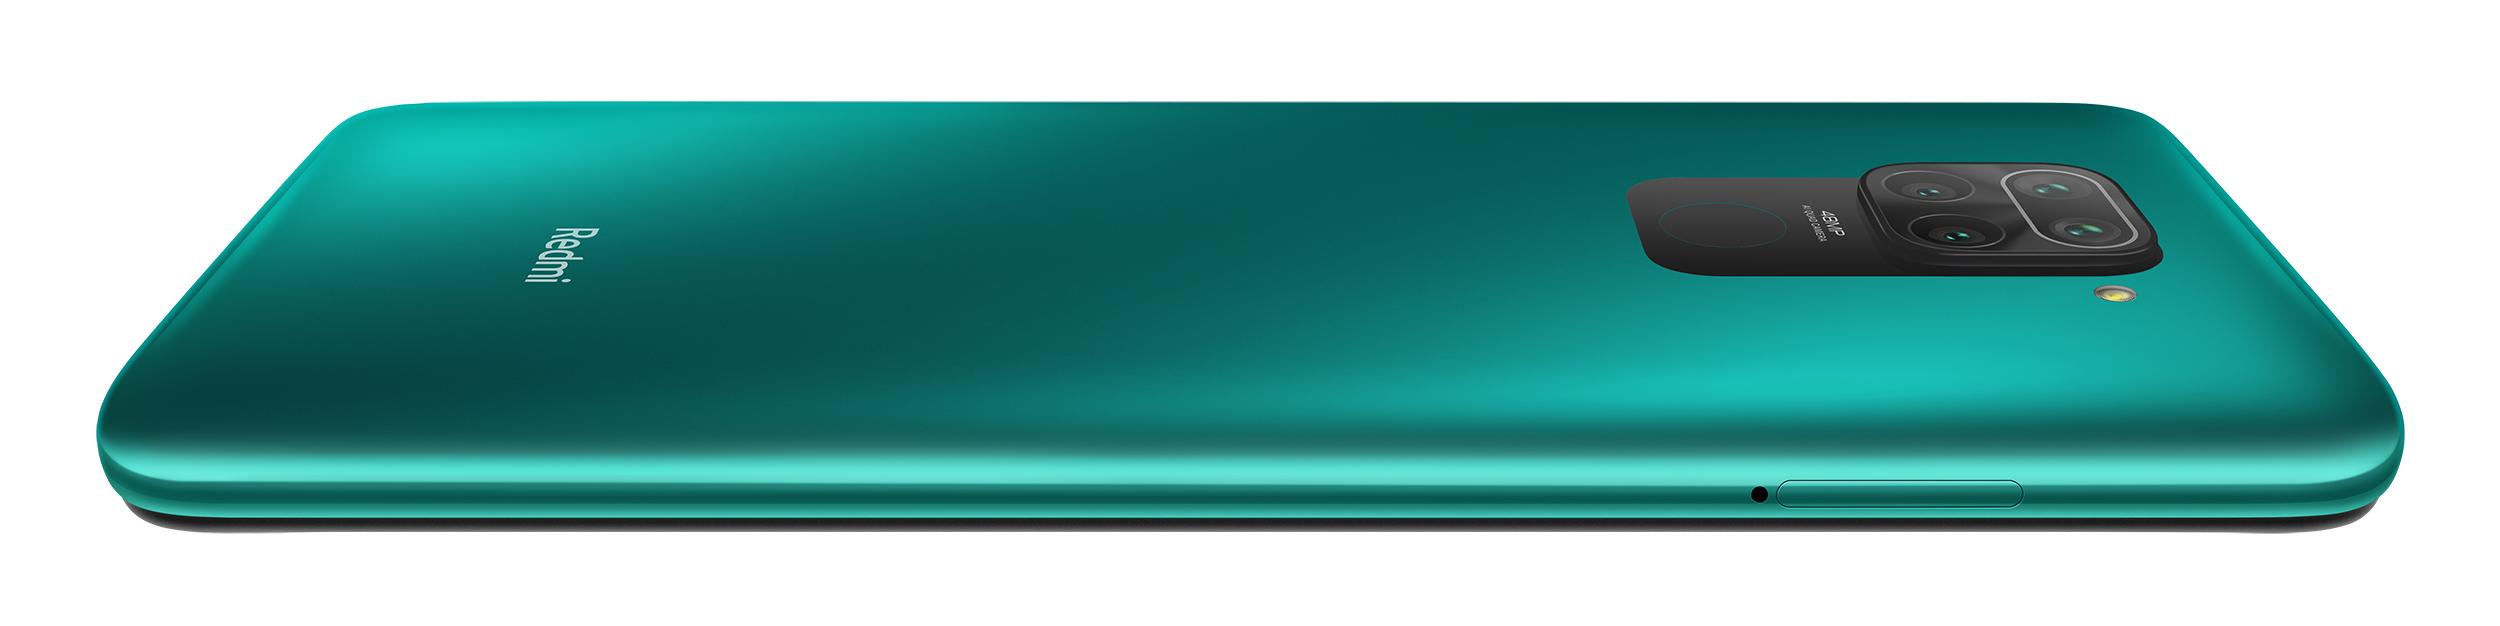 Smartphone Redmi Note 9 -Global - 4+128GB - Verde